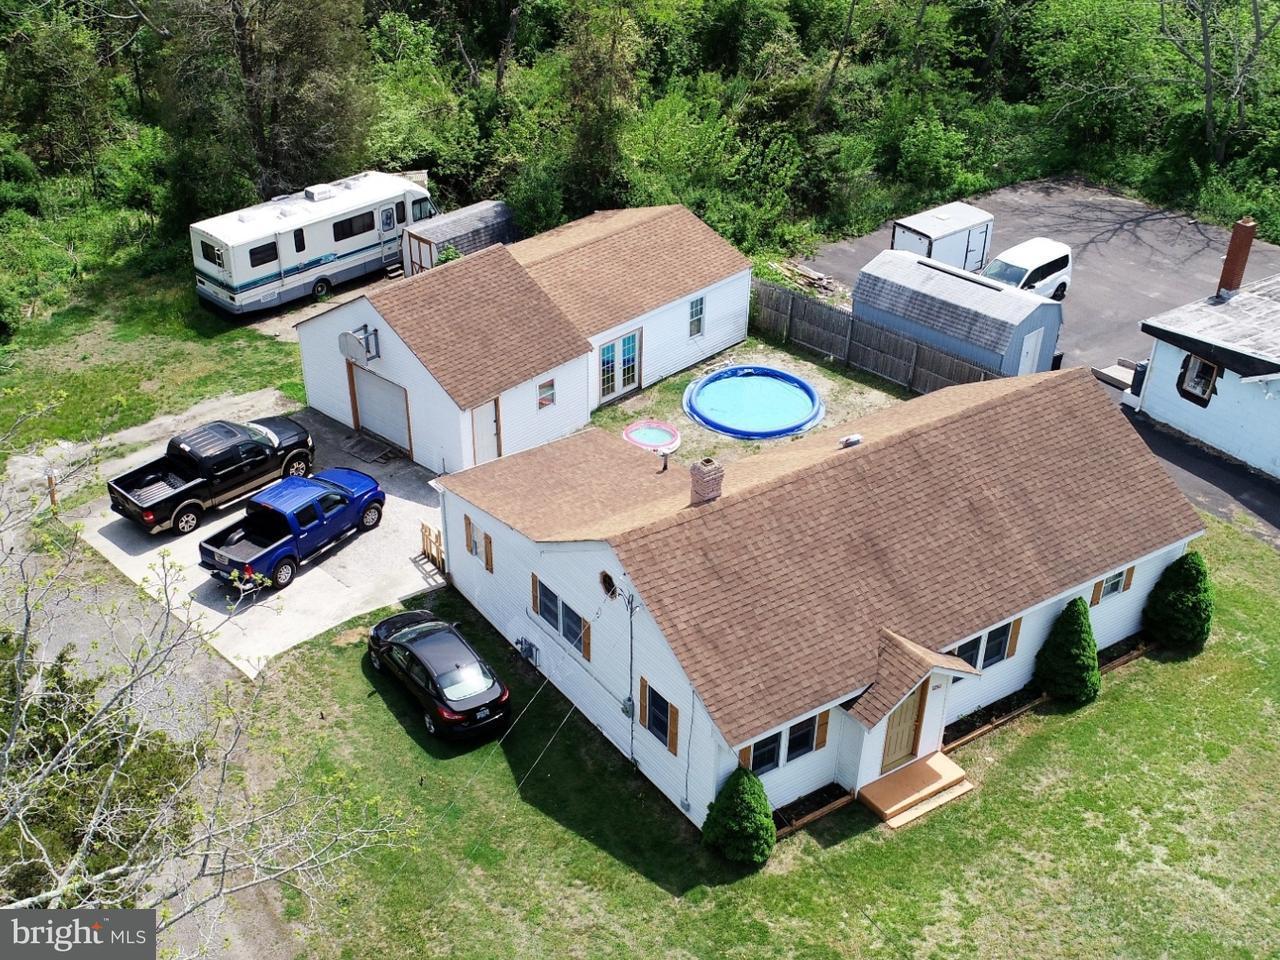 Maison unifamiliale pour l Vente à 1230 ROUTE 9 S Cape May Court House, New Jersey 08210 États-Unis